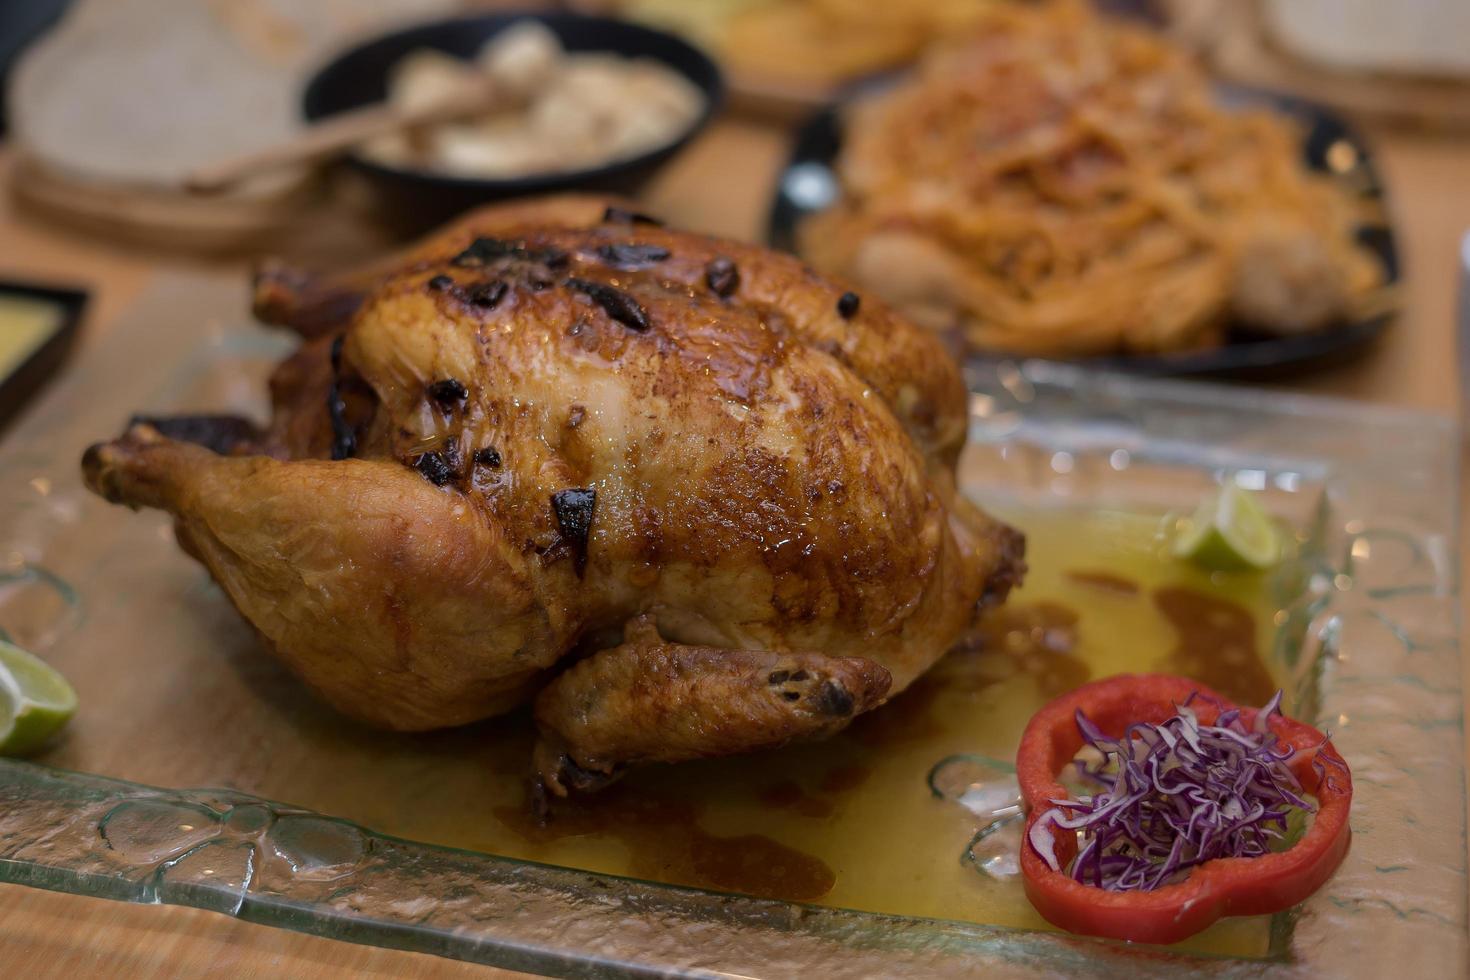 poulet entier cuit sur une assiette photo